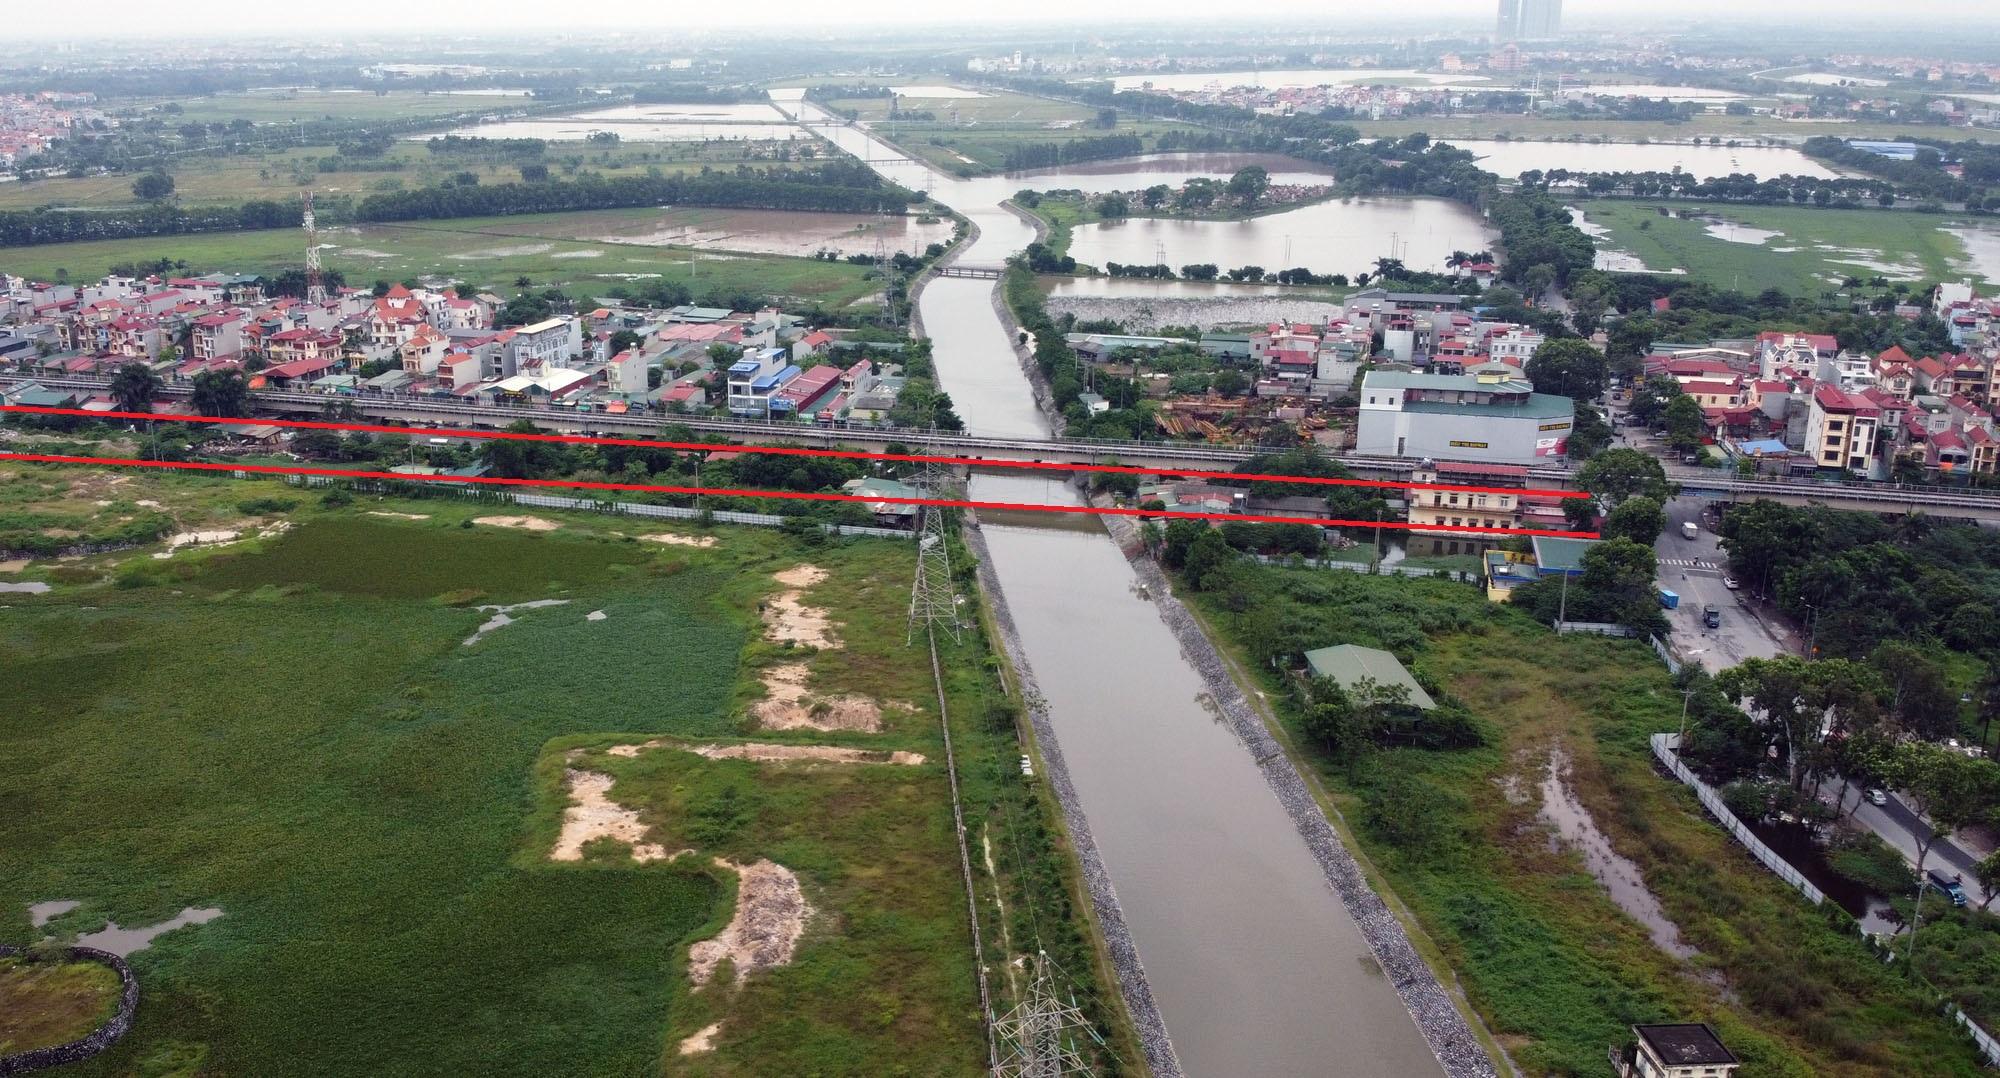 Đấu giá 10 thửa đất tại xã Hải Bối, gần nhiều tuyến đường huyết mạch của Hà Nội - Ảnh 1.